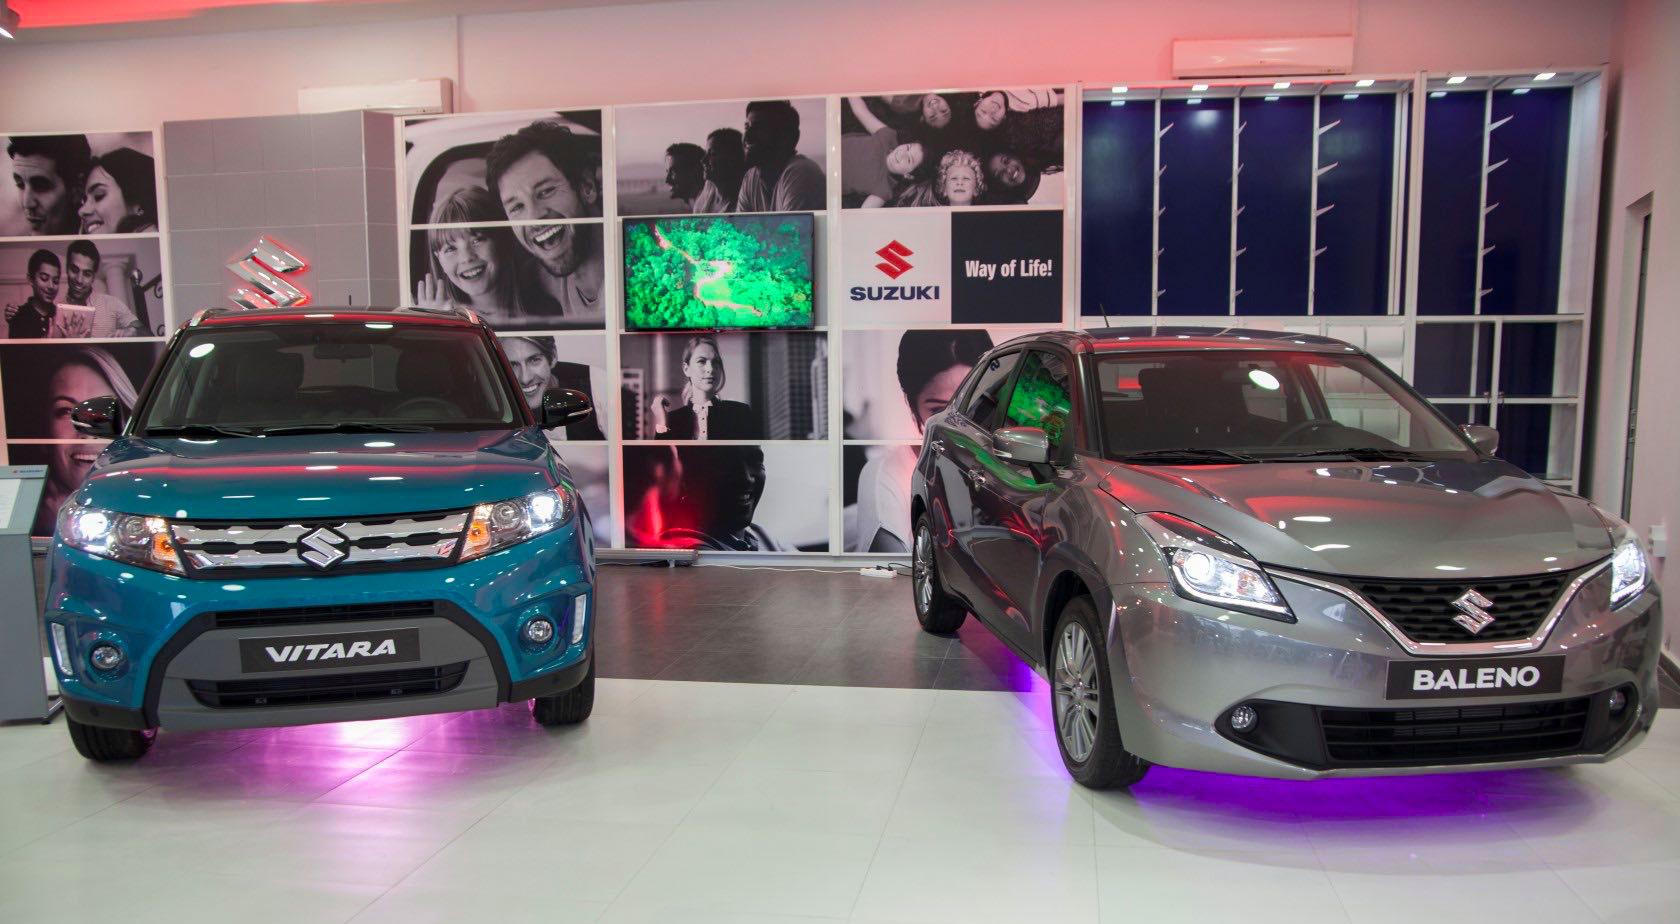 Nouveautés Car Pro Lance La Marque Suzuki En Tunisie - The car pro show